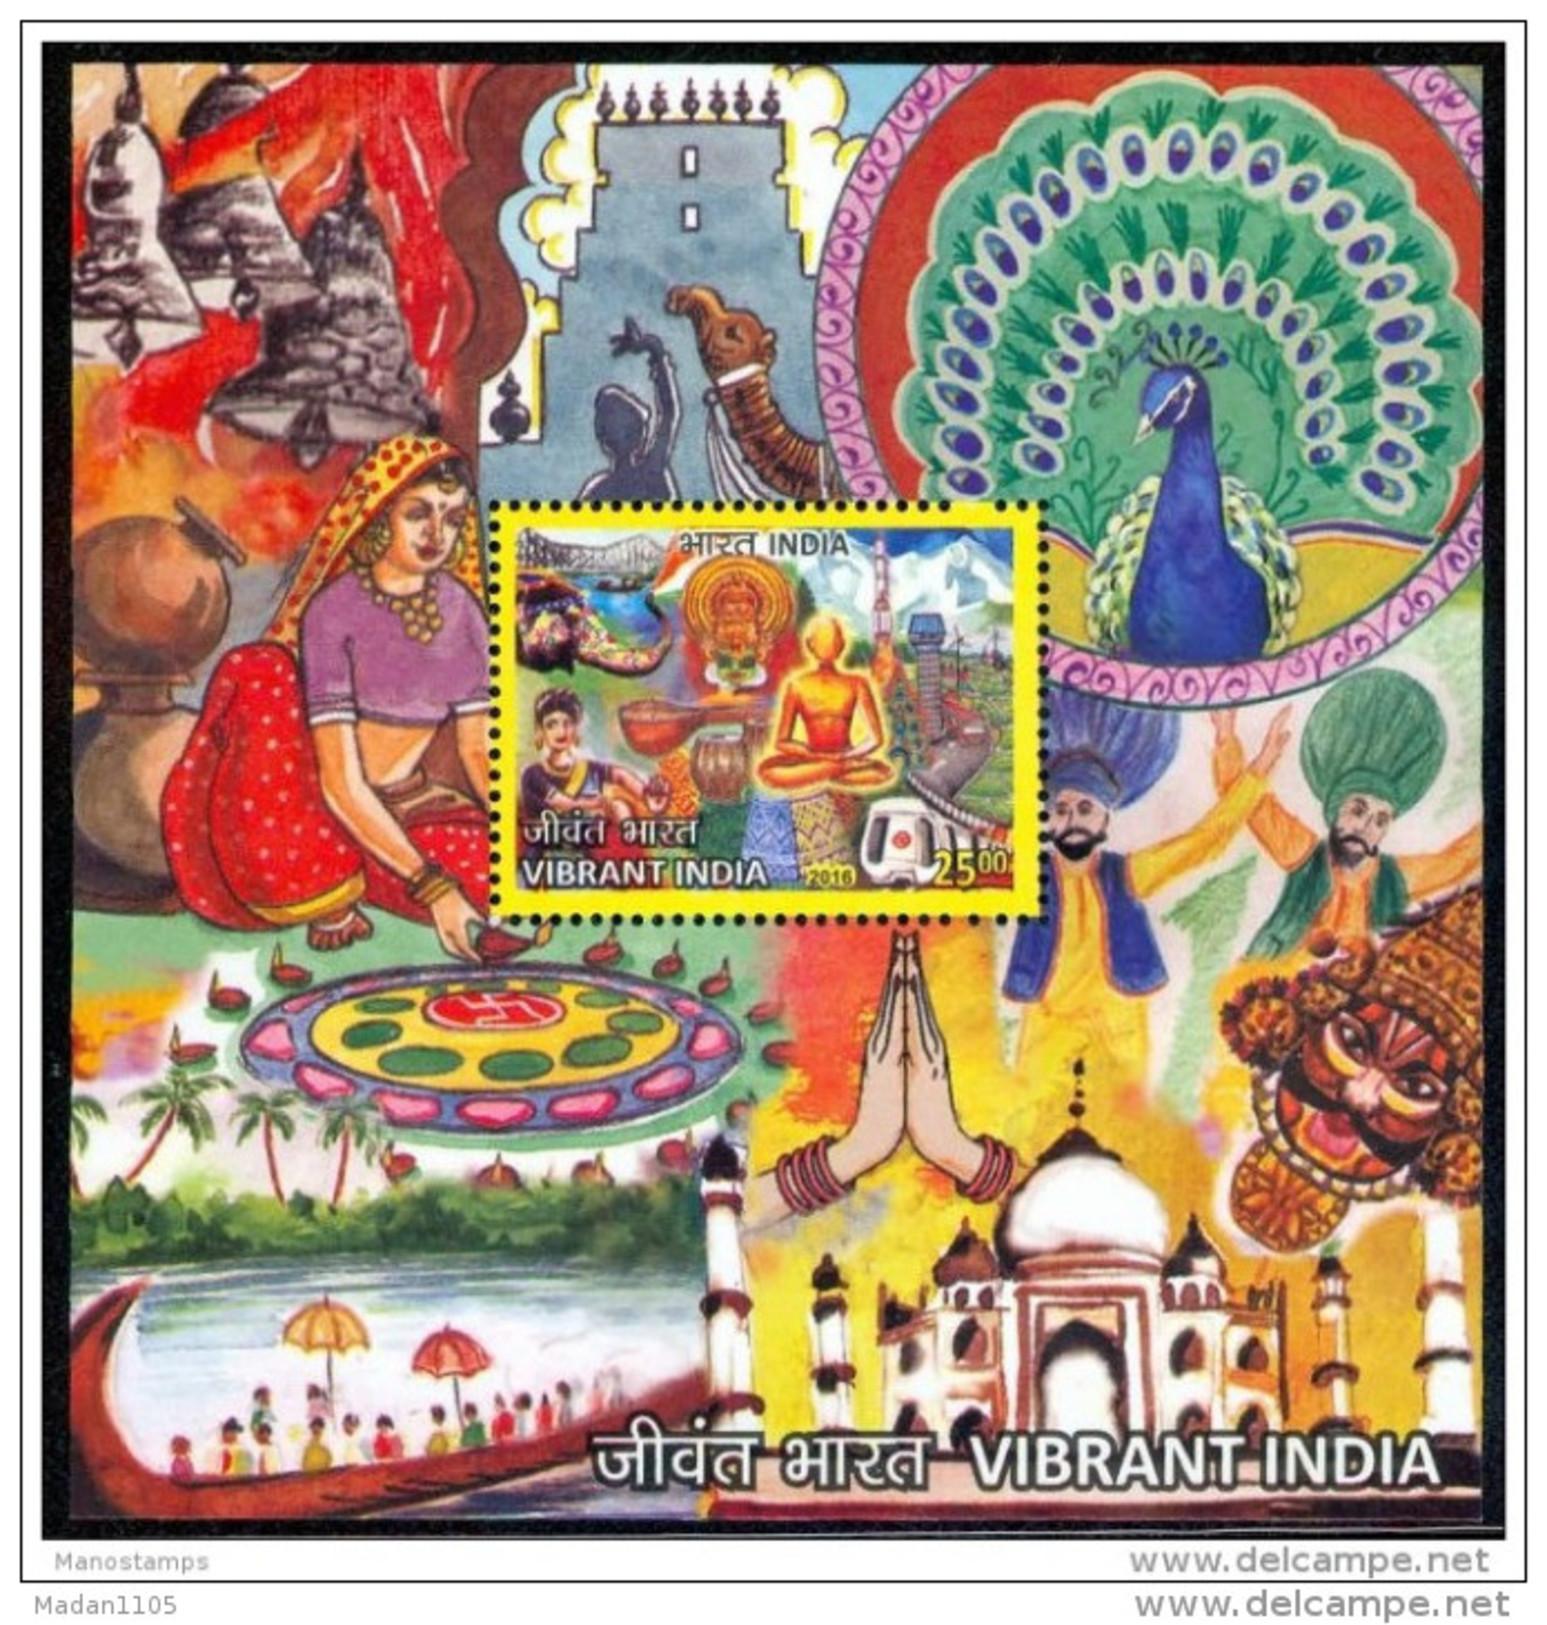 INDIA, 2016, Vibrant India, Buddha, Taj Mahal, Colours, Miniature Sheet,   MNH, (**) - India